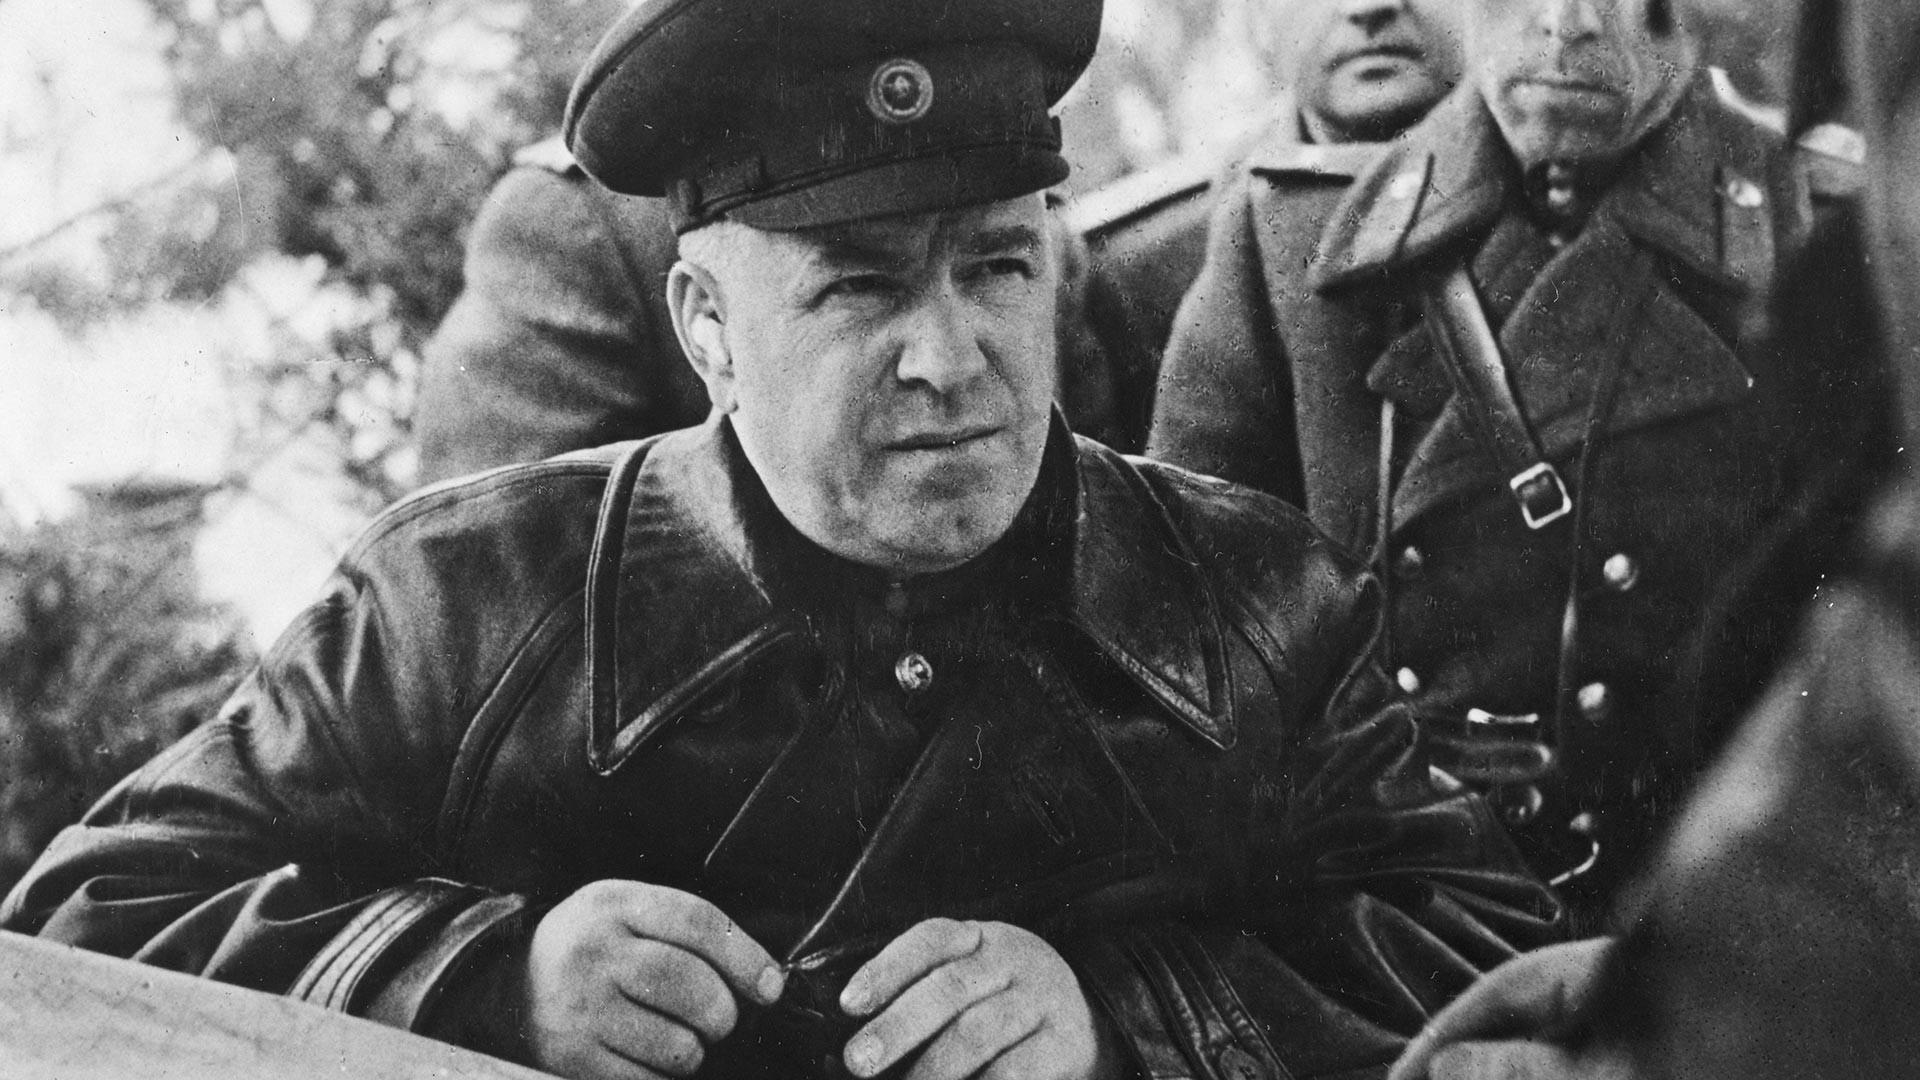 Маршал Георгий Жуков (1896-1974), командващ съветските войски на Първия белоруски фронт, на своя полеви команден пункт